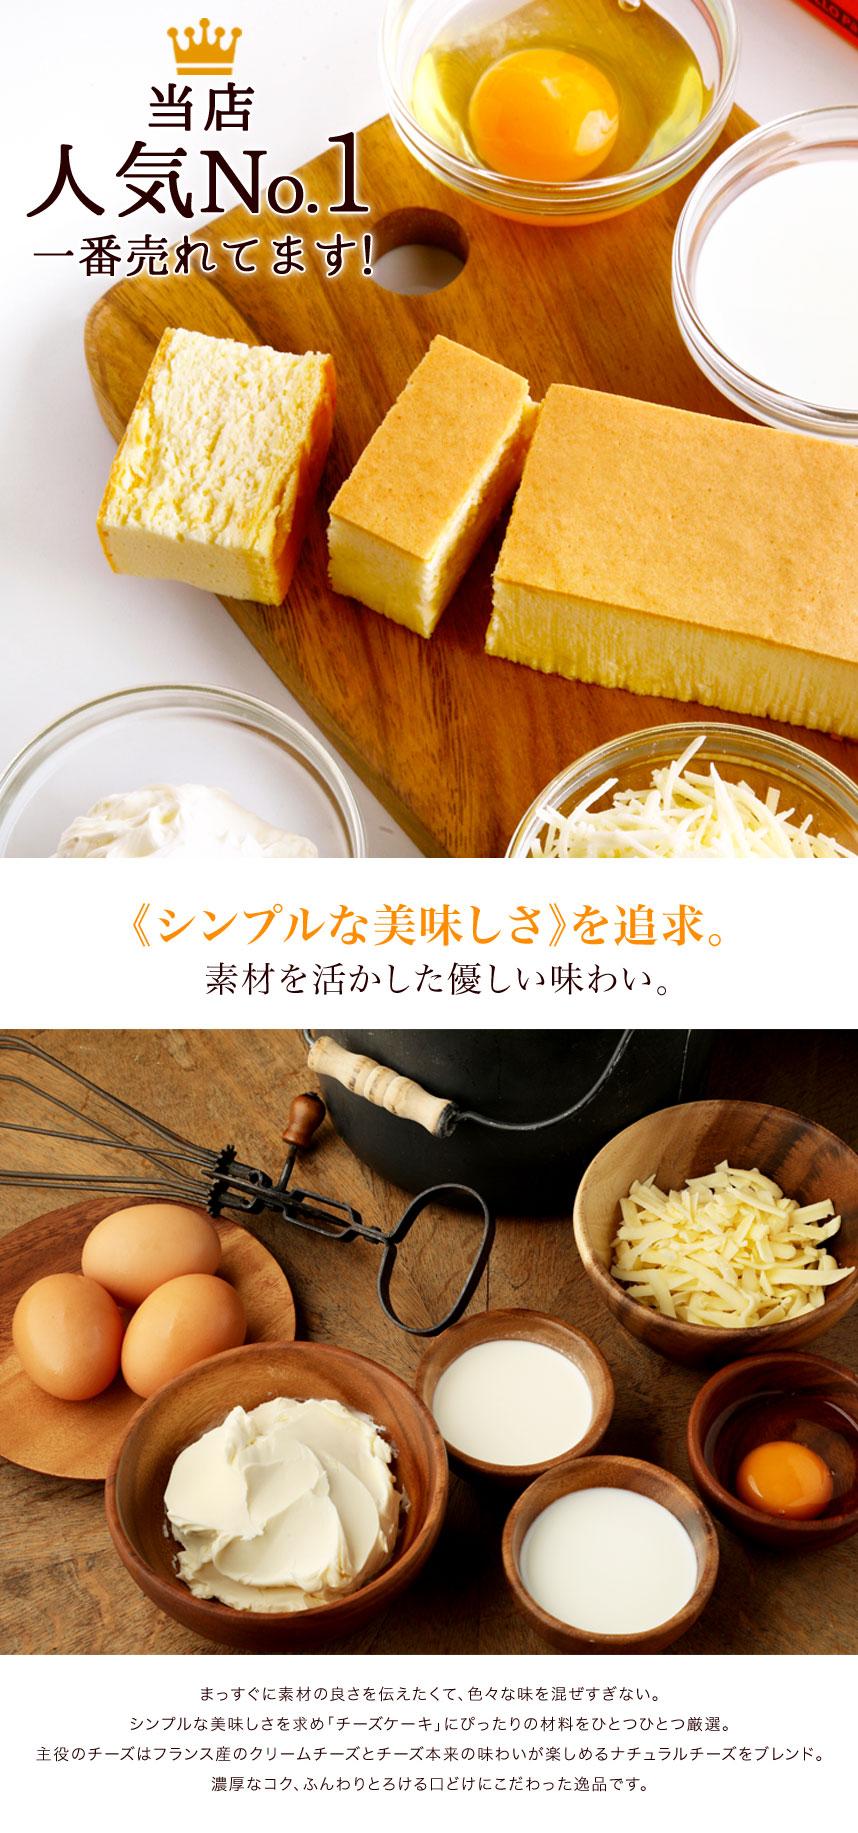 シンプルな美味しさを追求